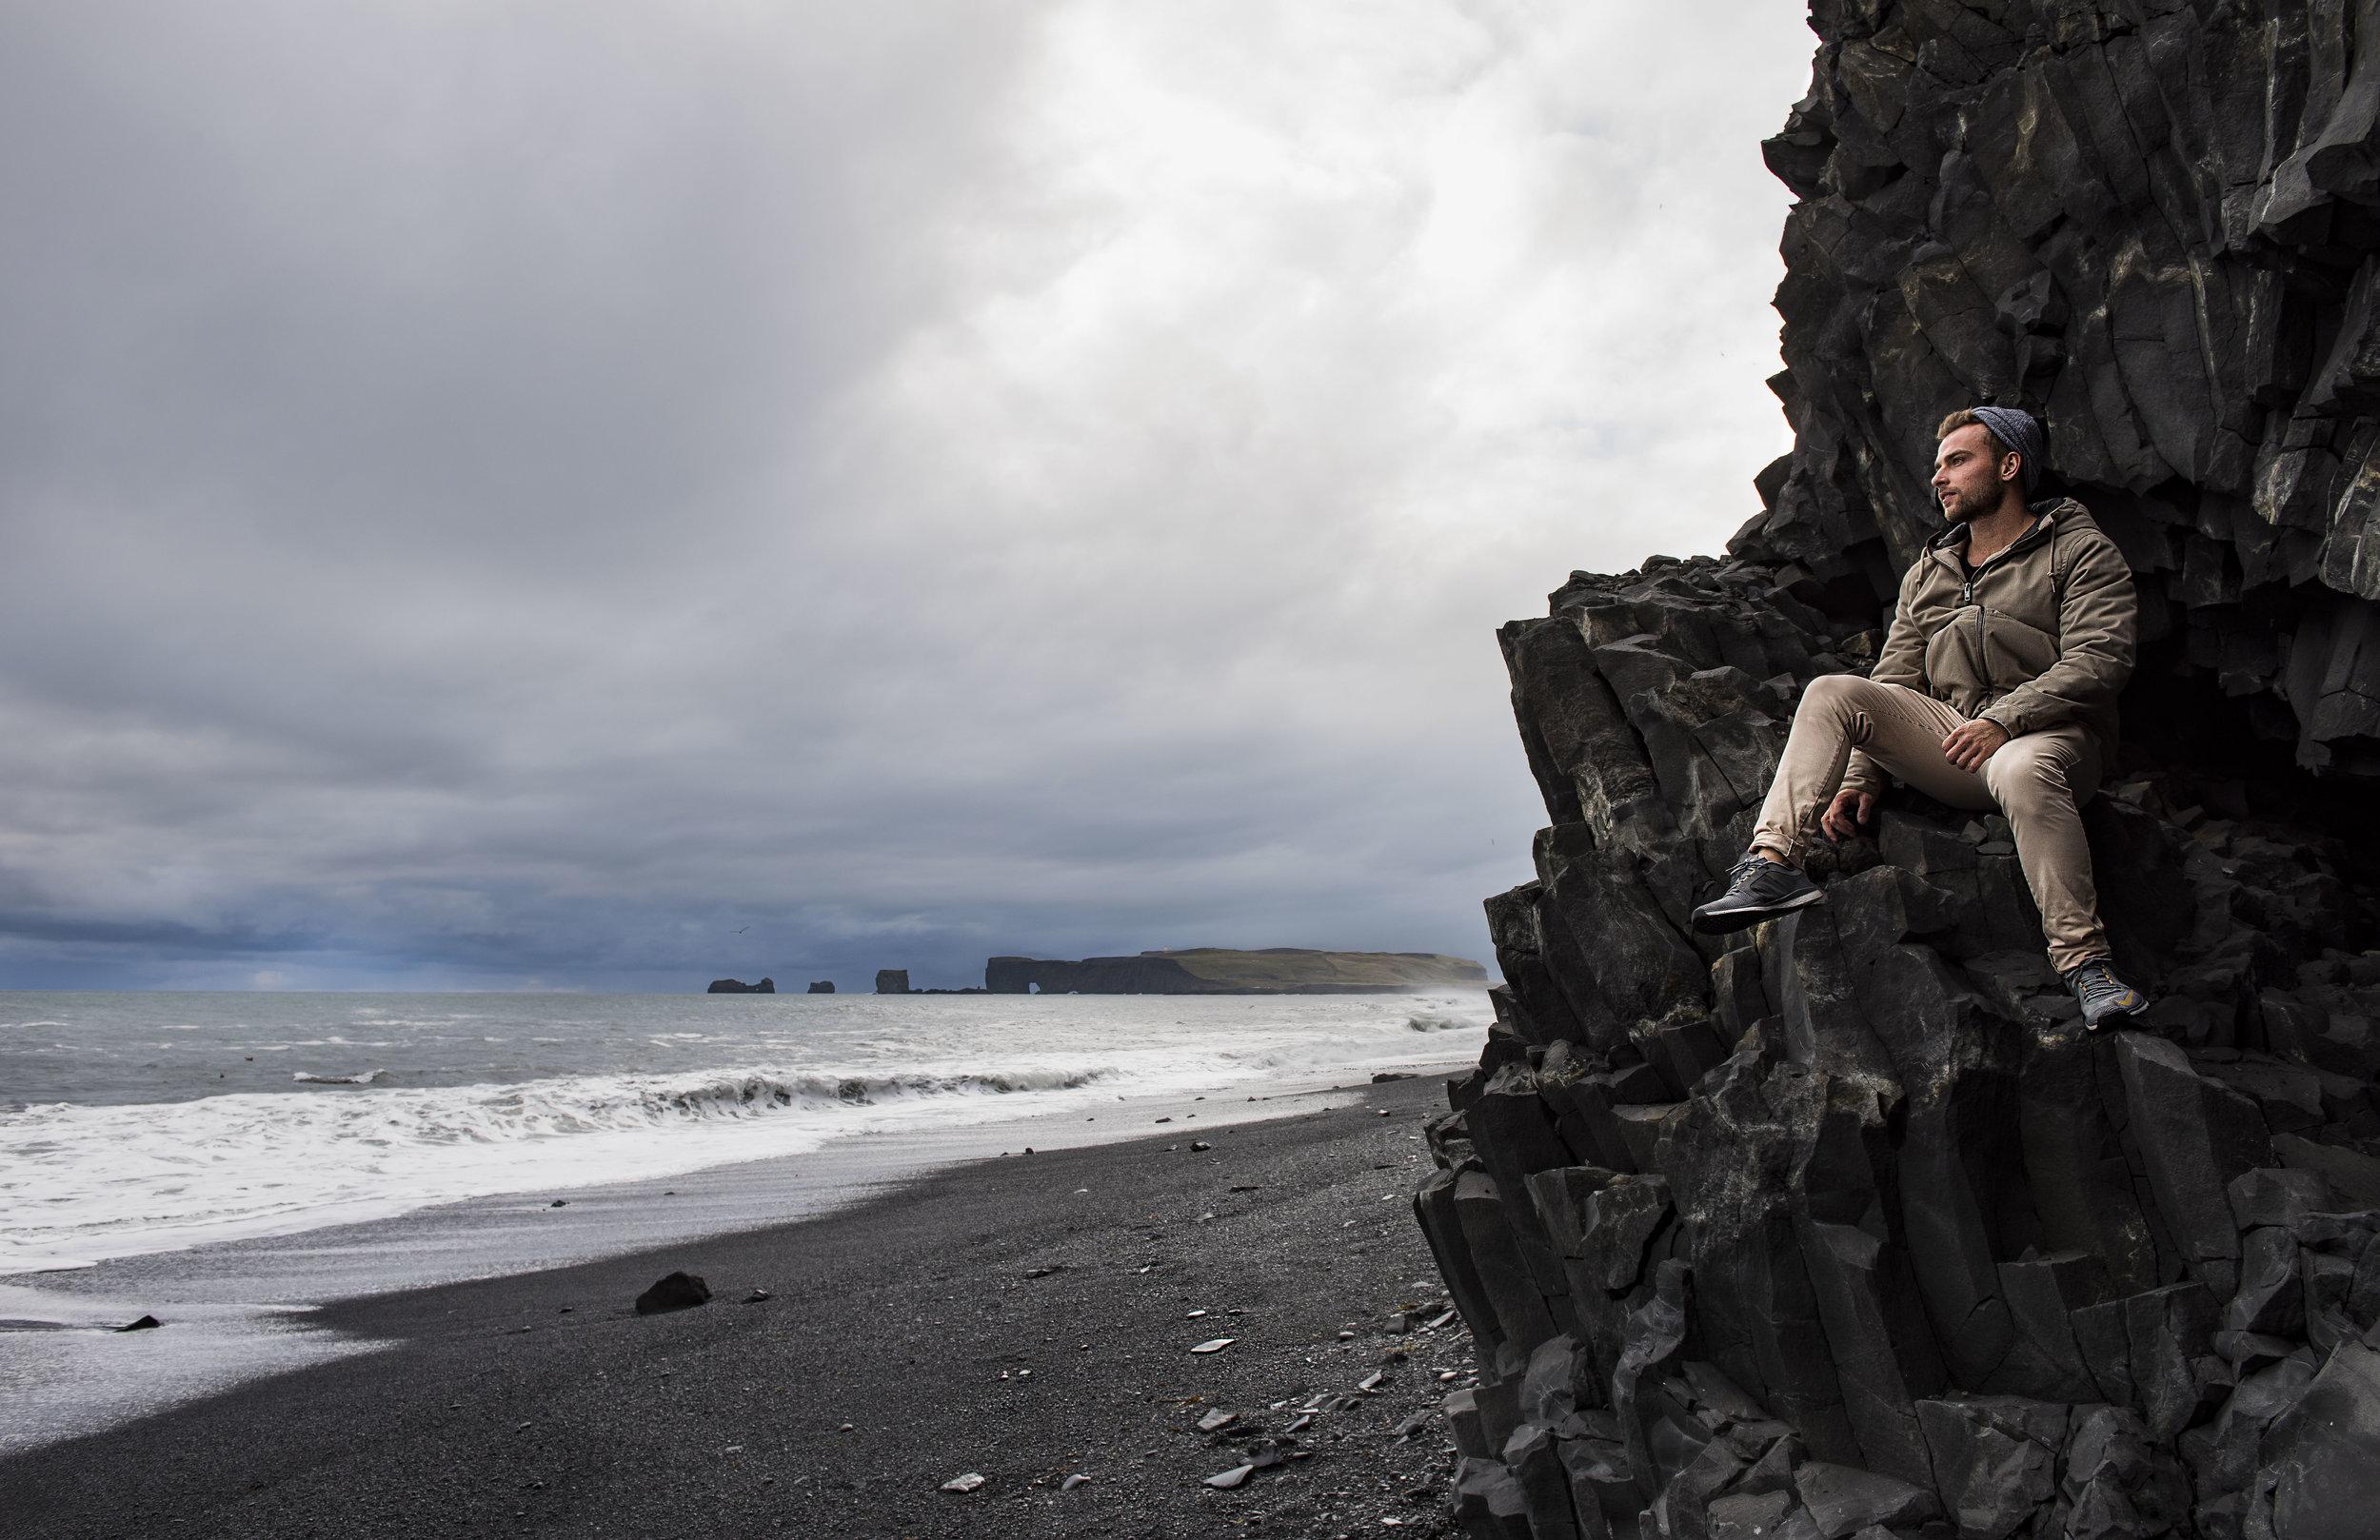 Iceland_Mediate_2016_DSC_5940 copy.jpg